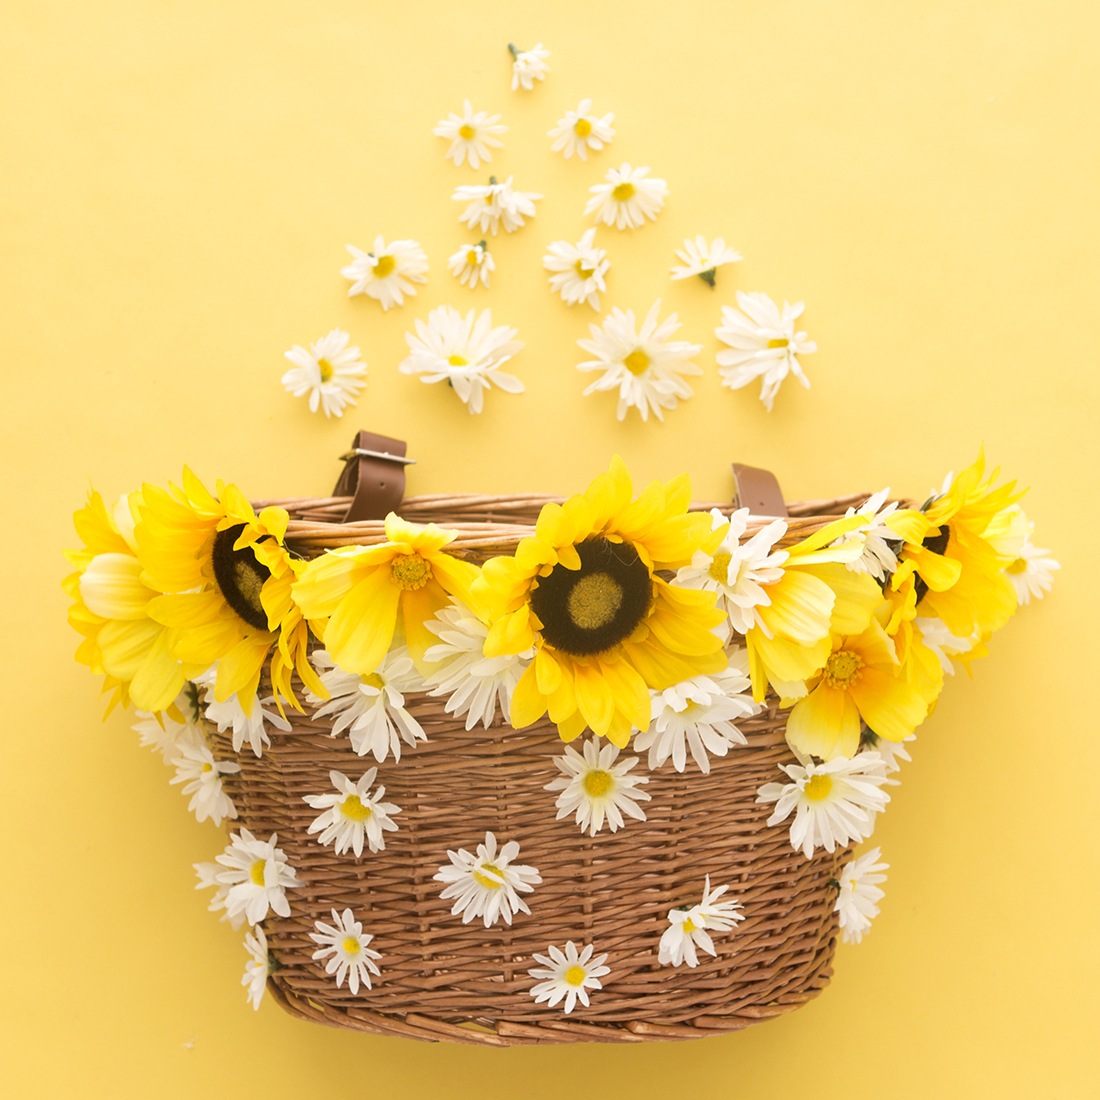 decora-una-cesta-con-flores-para-tu-bicicleta-05